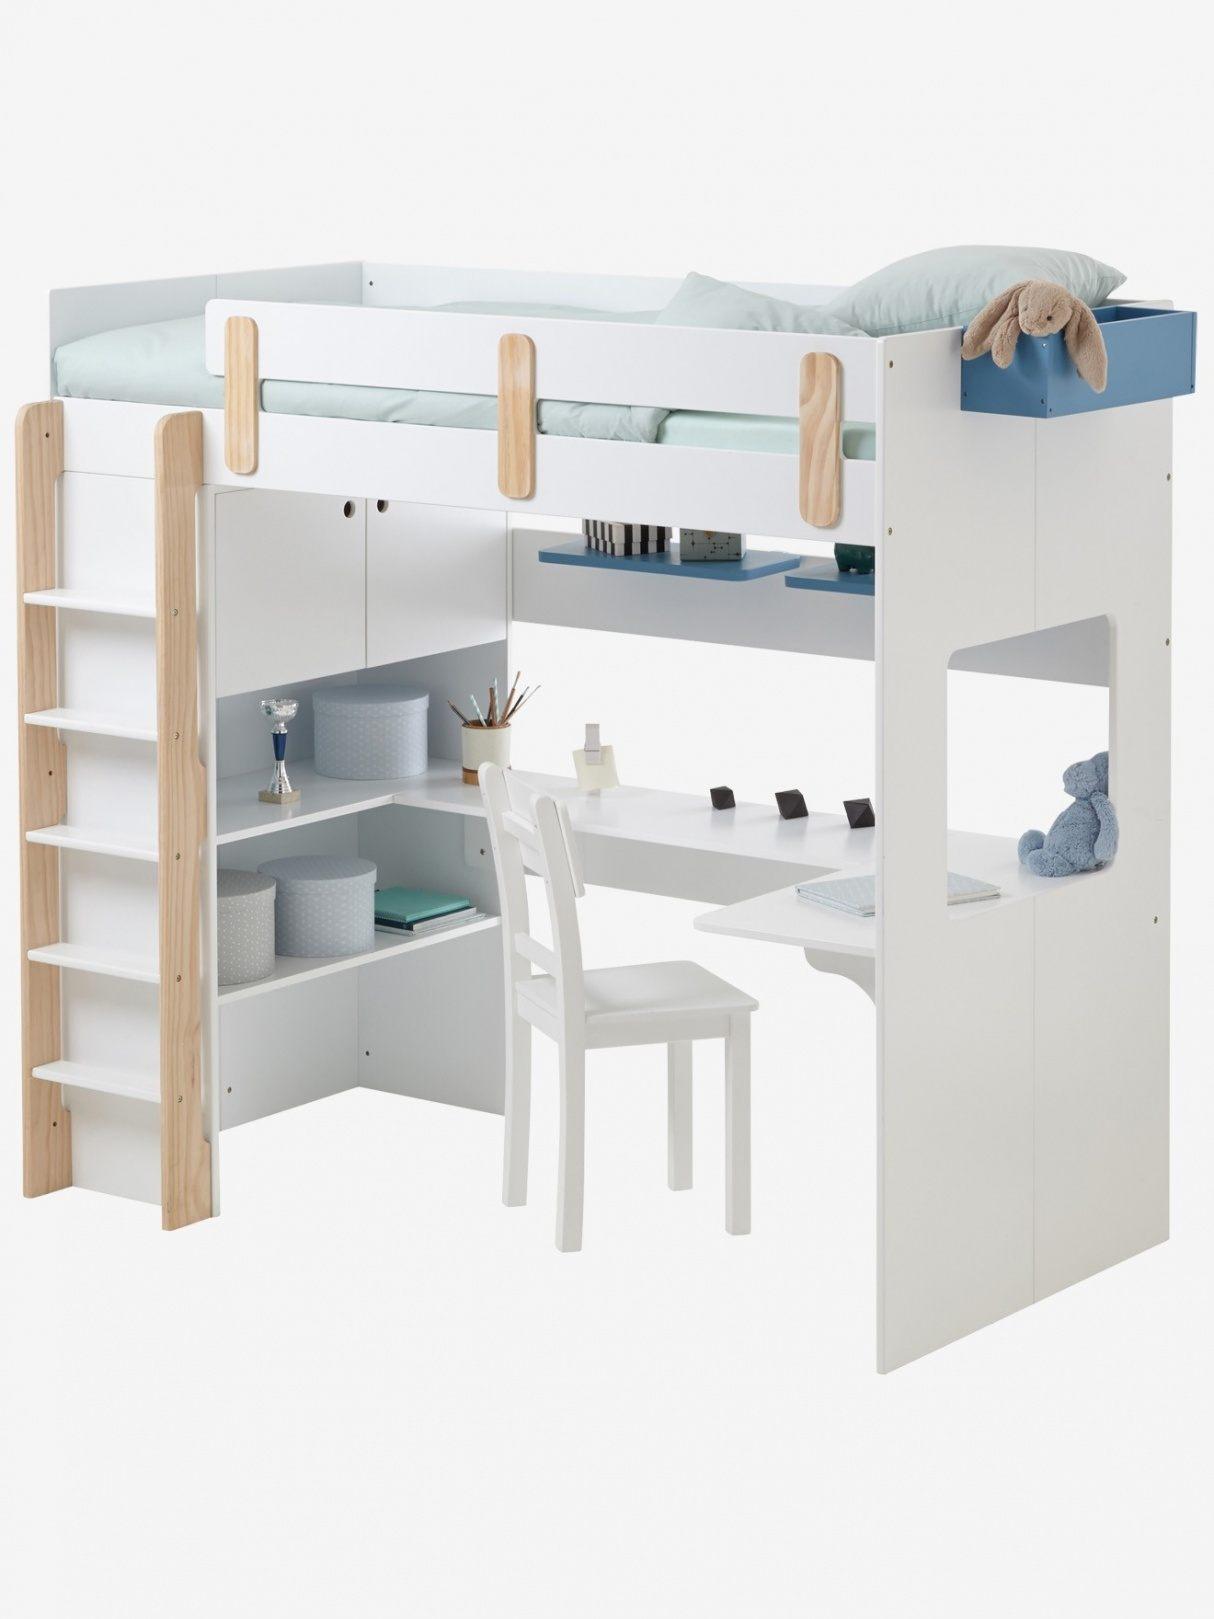 Lit Mezzanine Avec Bureau Intégré Conforama Joli Inspirant Canapé Convertible En Lit Superposé – Intérieure Design Maison